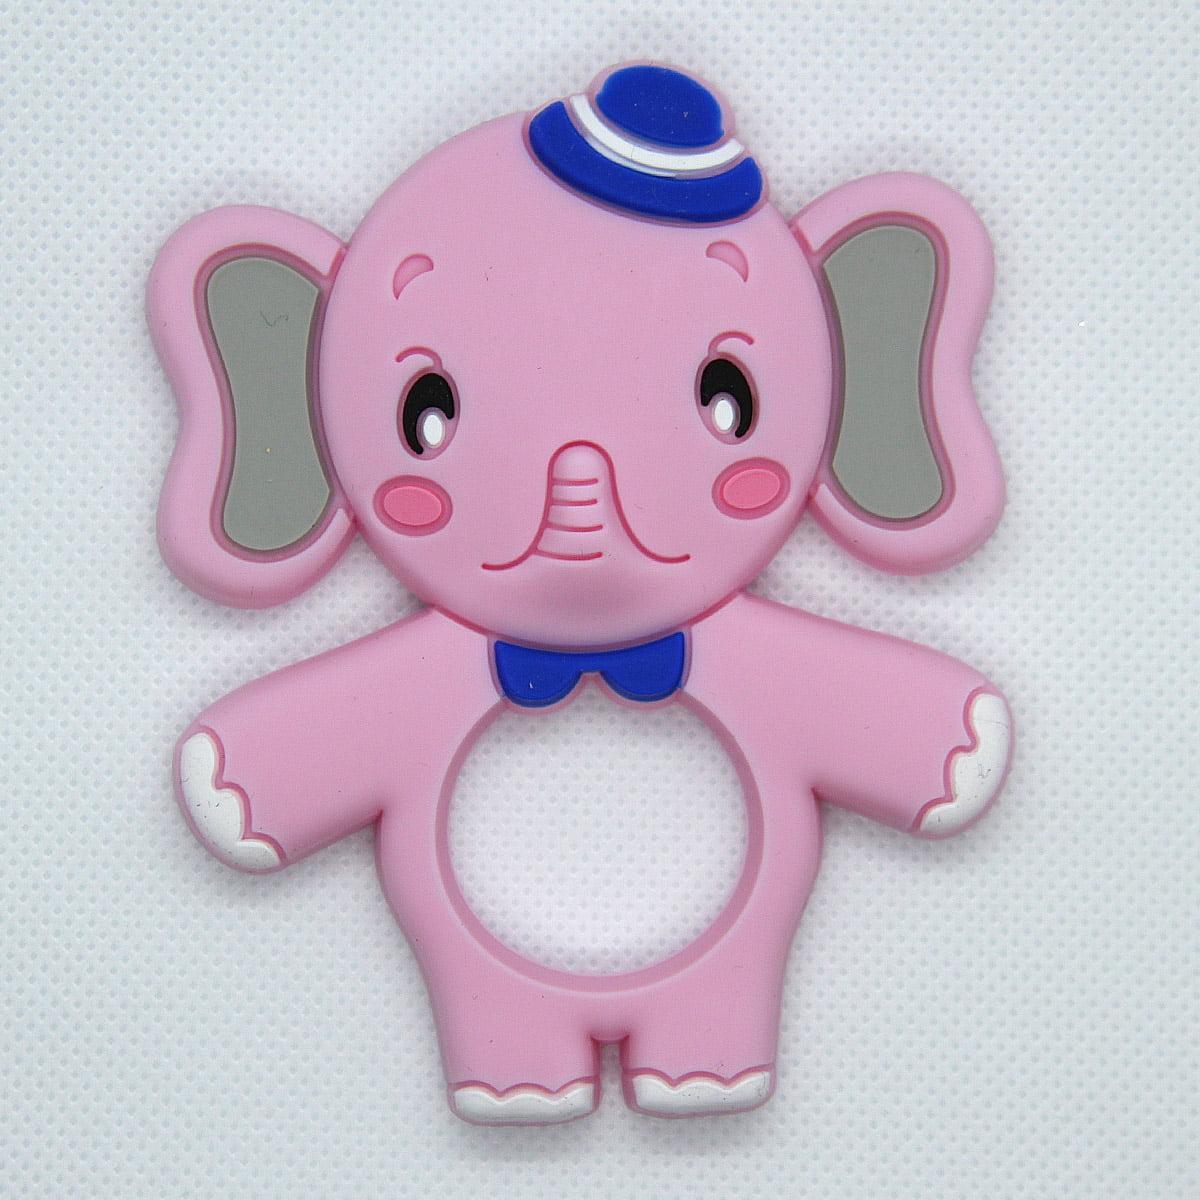 Mordedor de silicona Elefante rosa